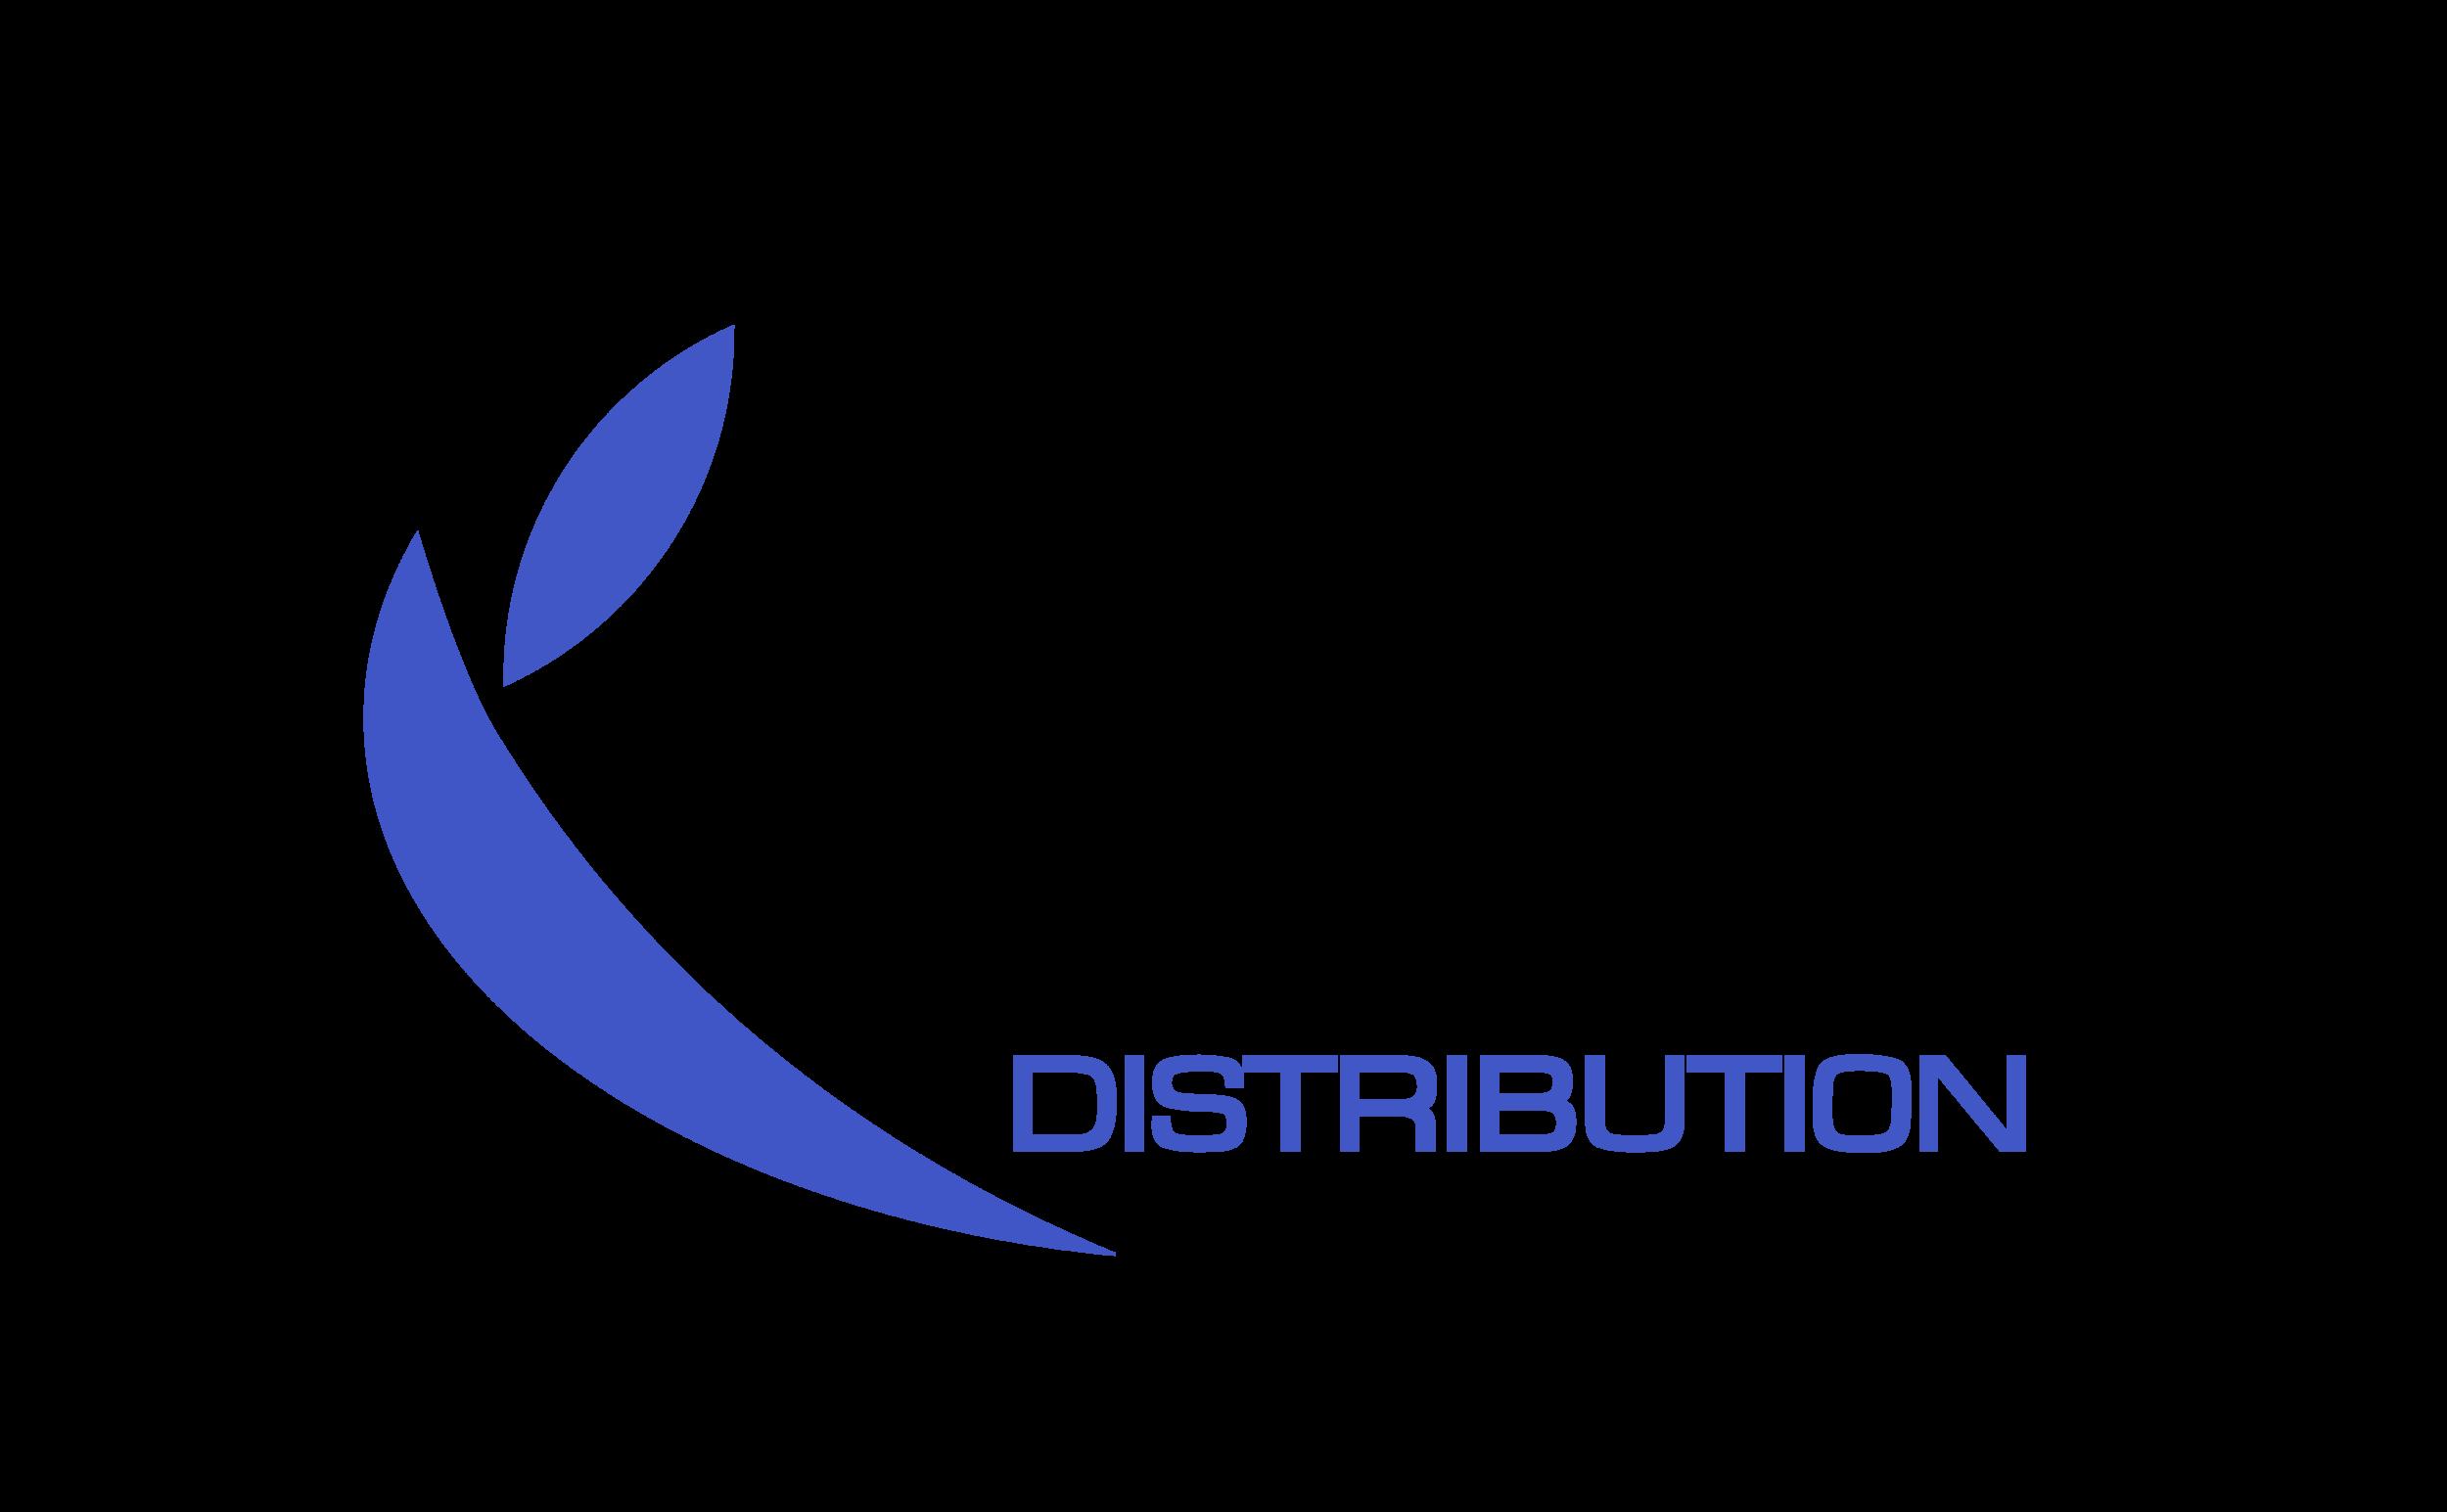 distrib-rgb_00000.png